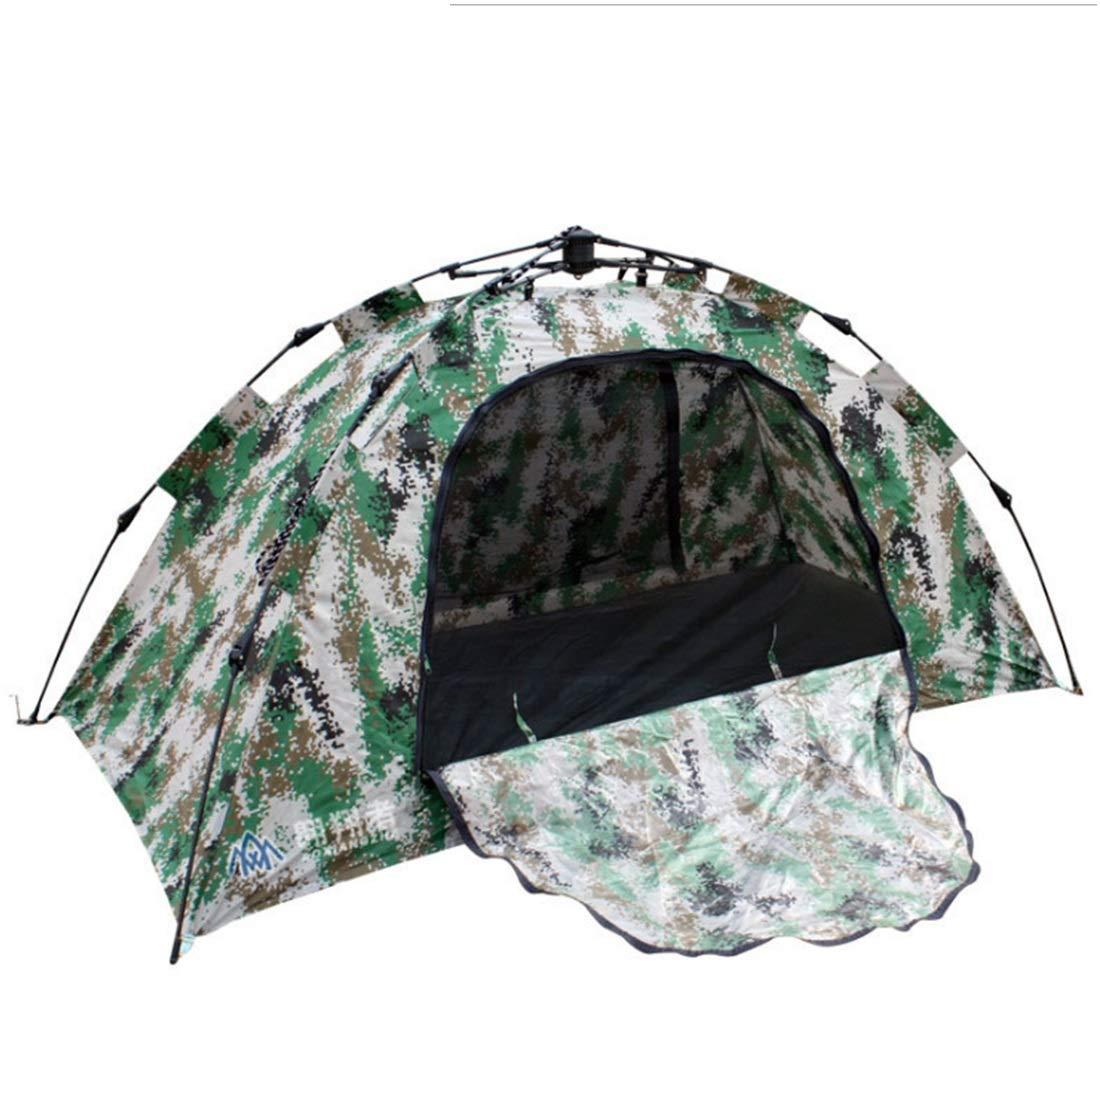 Kunliyin YY1 1 Person automatisch für Wilde Camping Tragbare Zelt